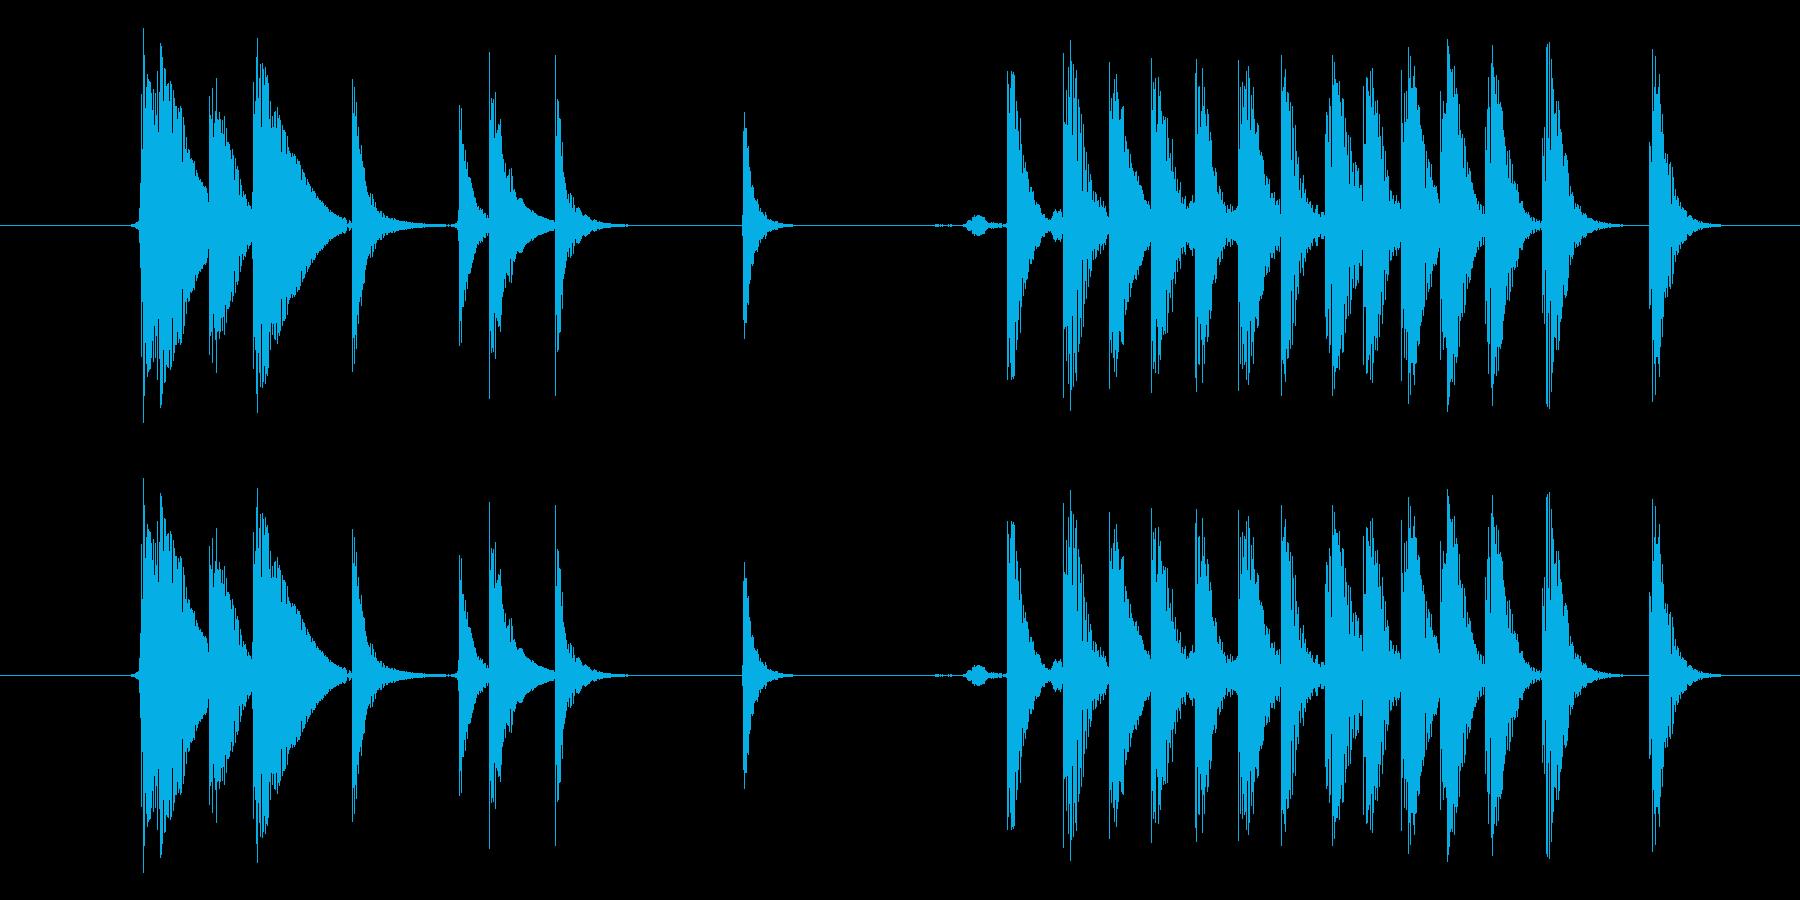 モンスター げっぷ02の再生済みの波形